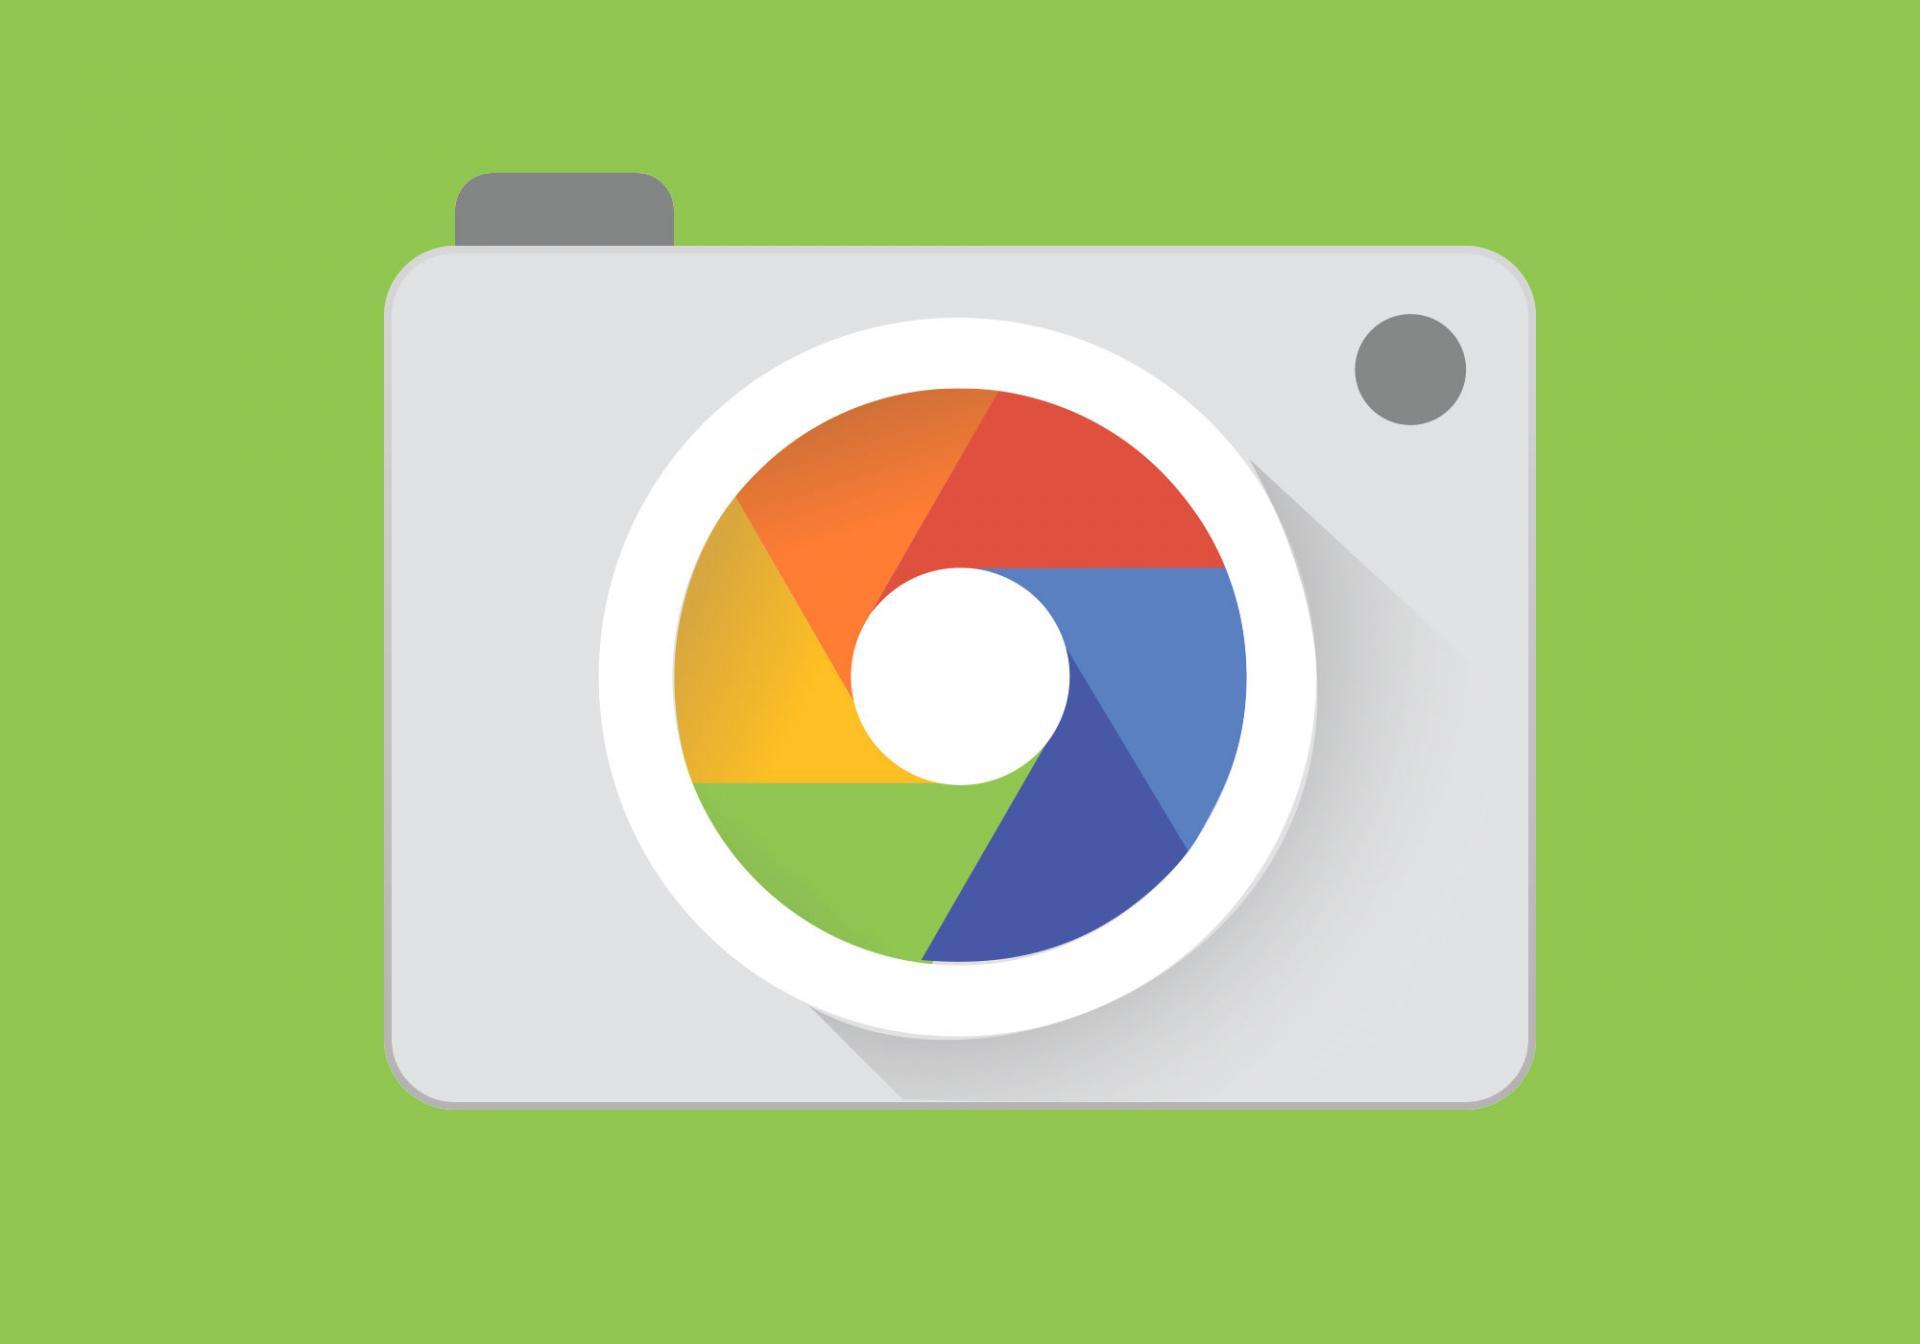 Неофициальный мод Google Camera для смартфонов можно обновить доверсий 7.3, 7.4, 8.0, 8.1